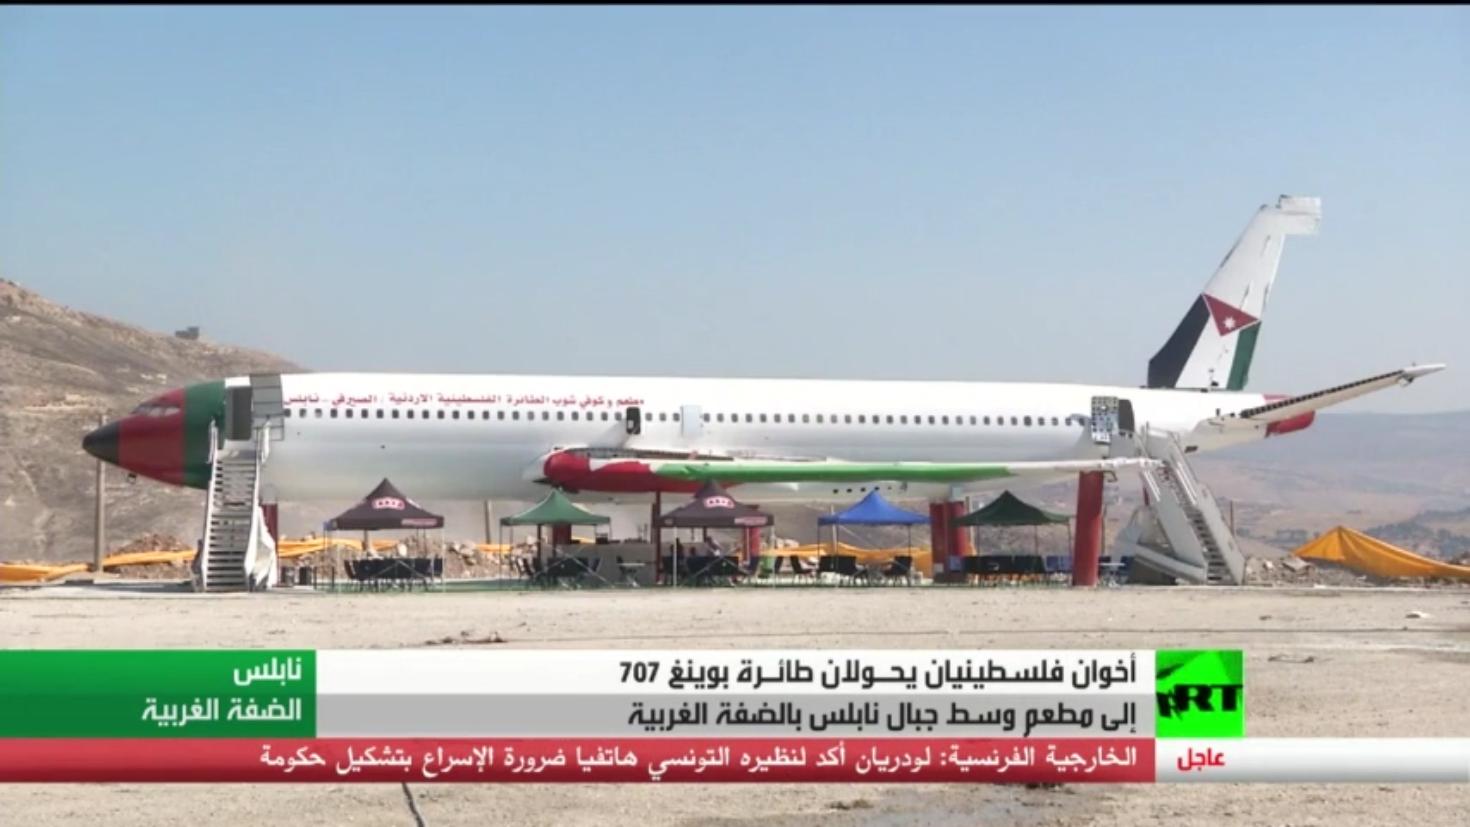 طائرة بوينغ تتحول إلى مطعم في نابلس